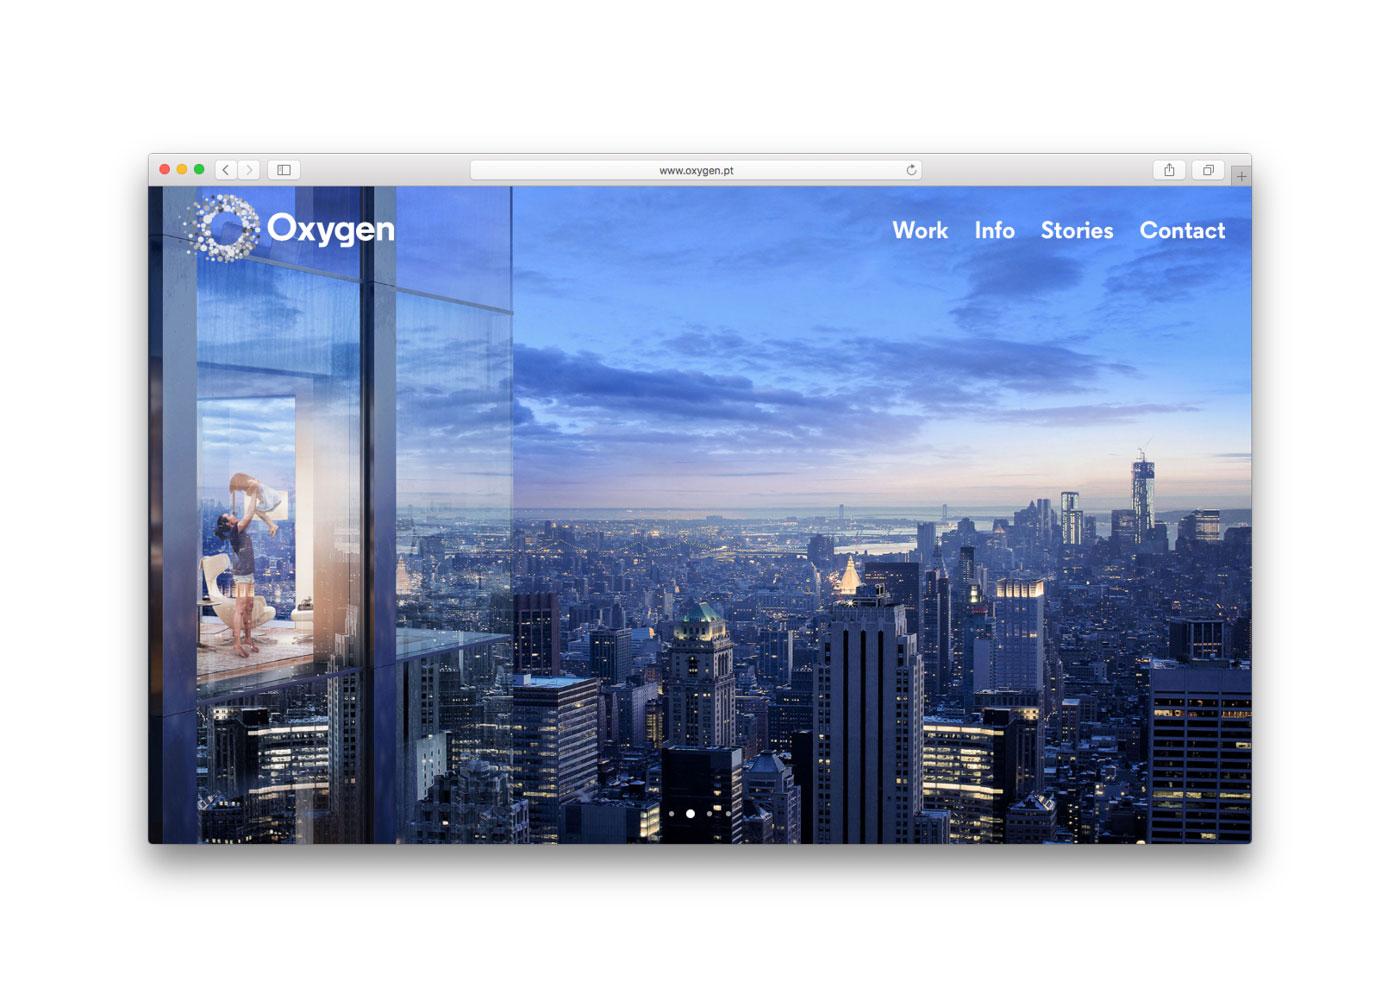 004_oxygen_web_0002_2